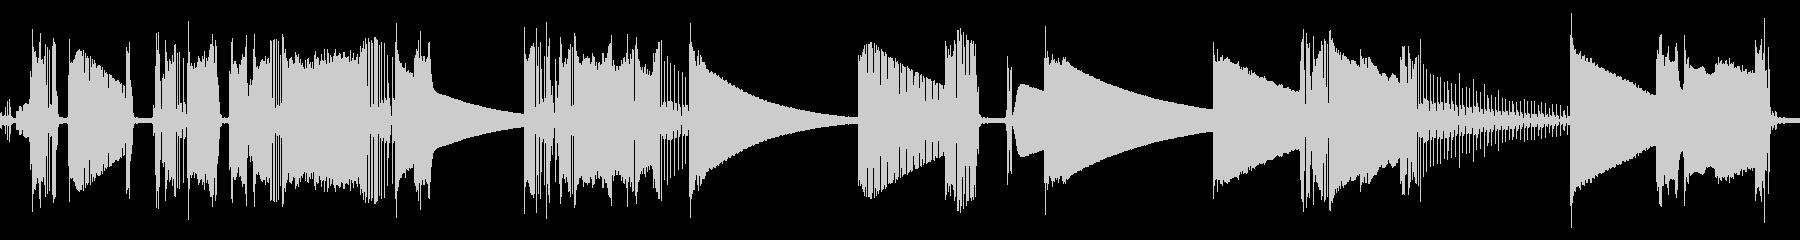 ラジオ、静的、有資格者; DIGI...の未再生の波形